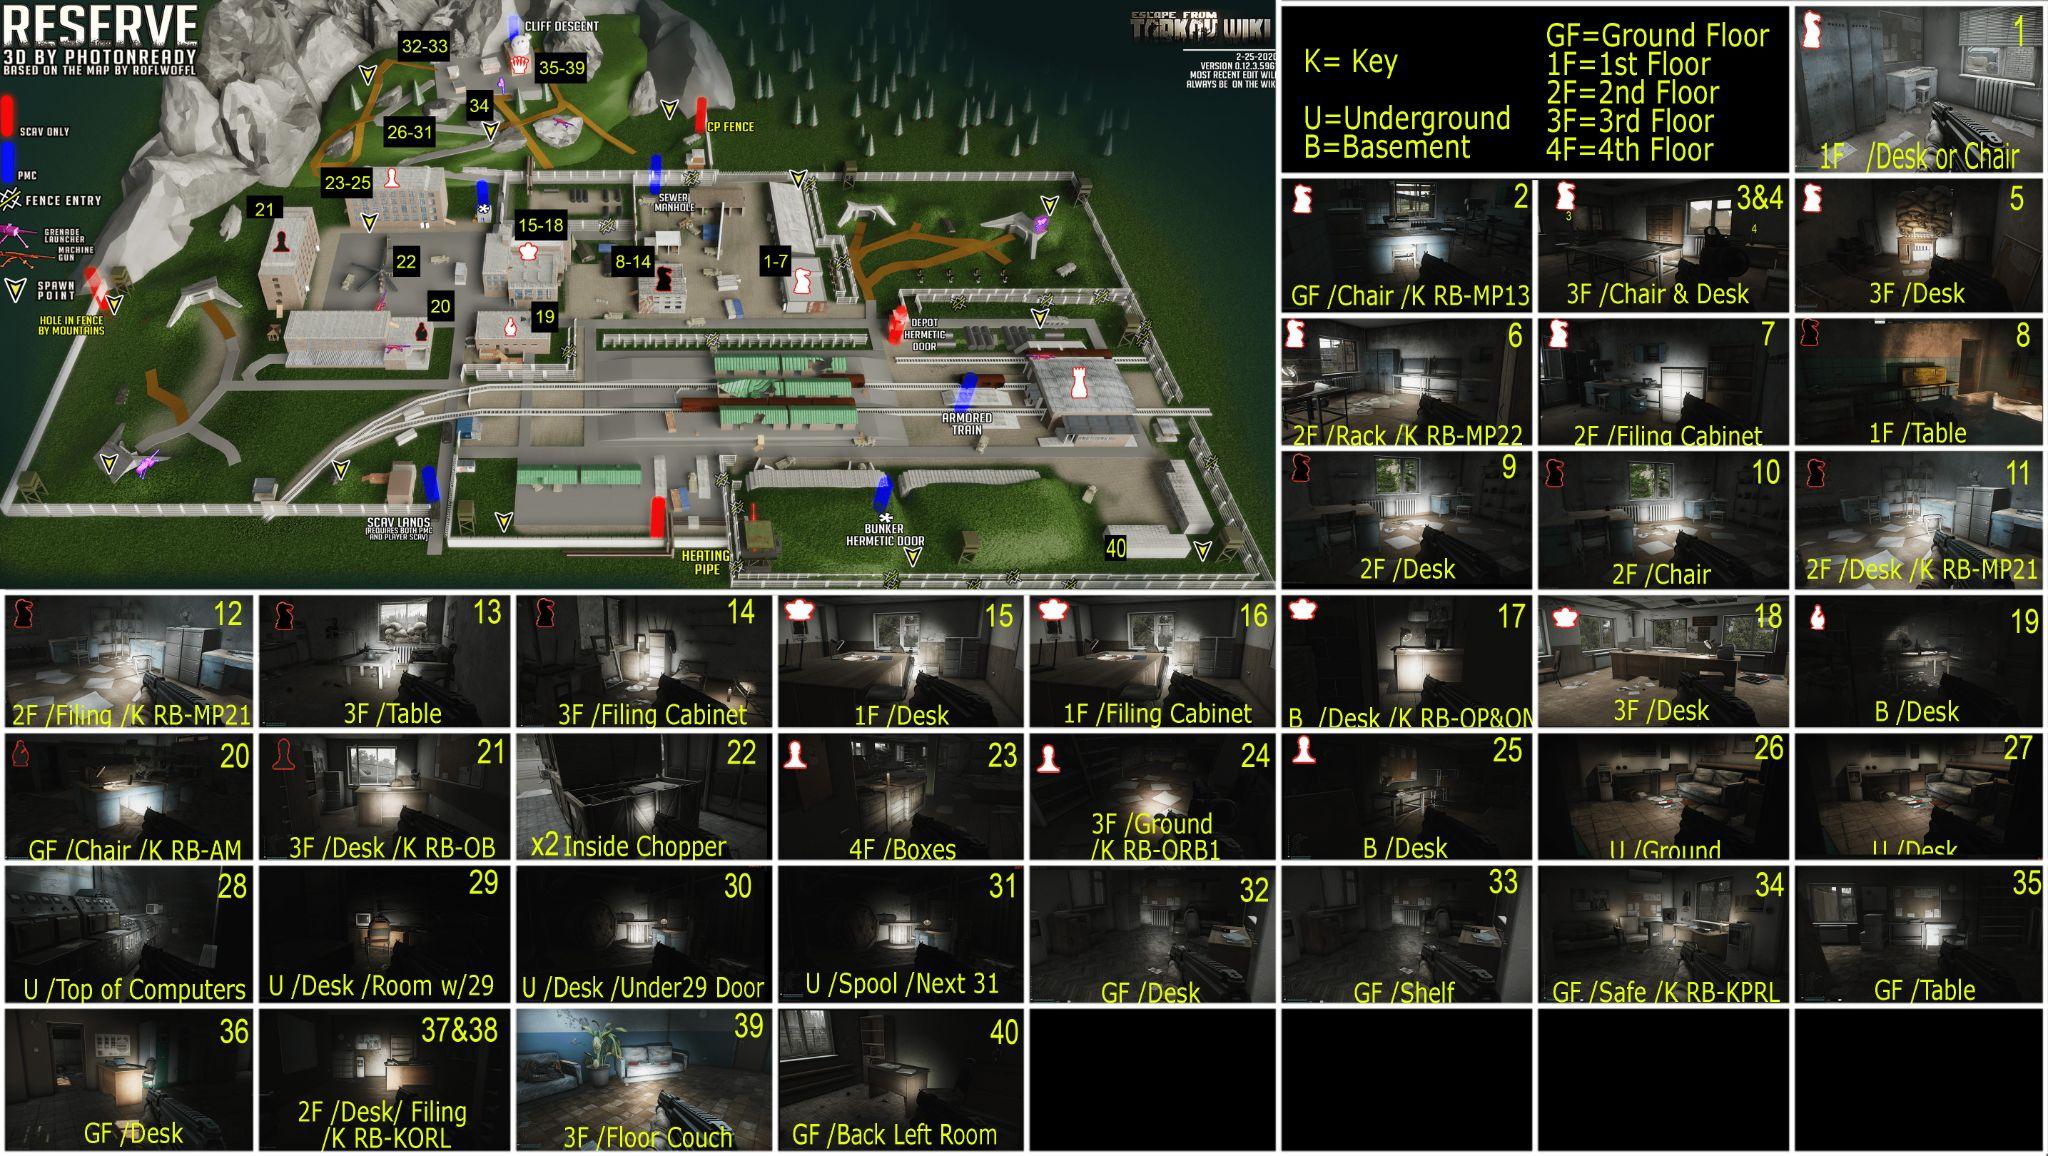 ReserveIntelMapV3Grid.jpg